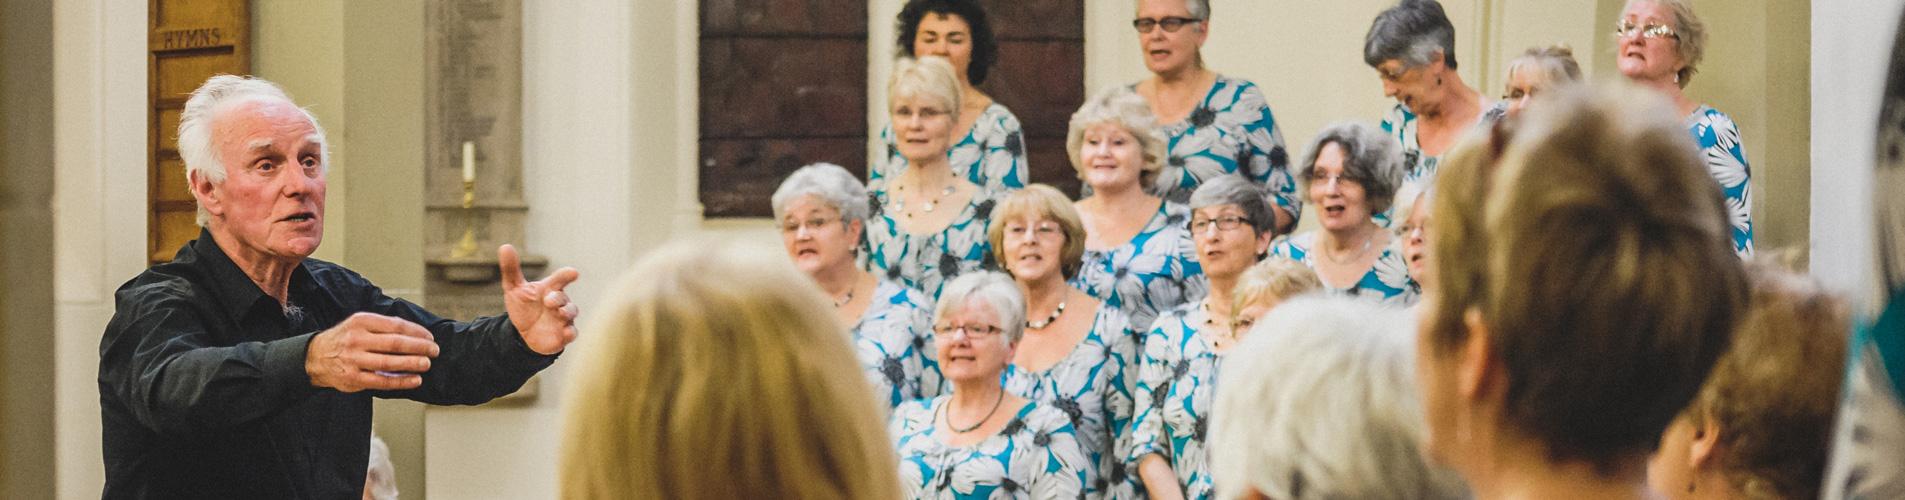 KVU Singers Choir